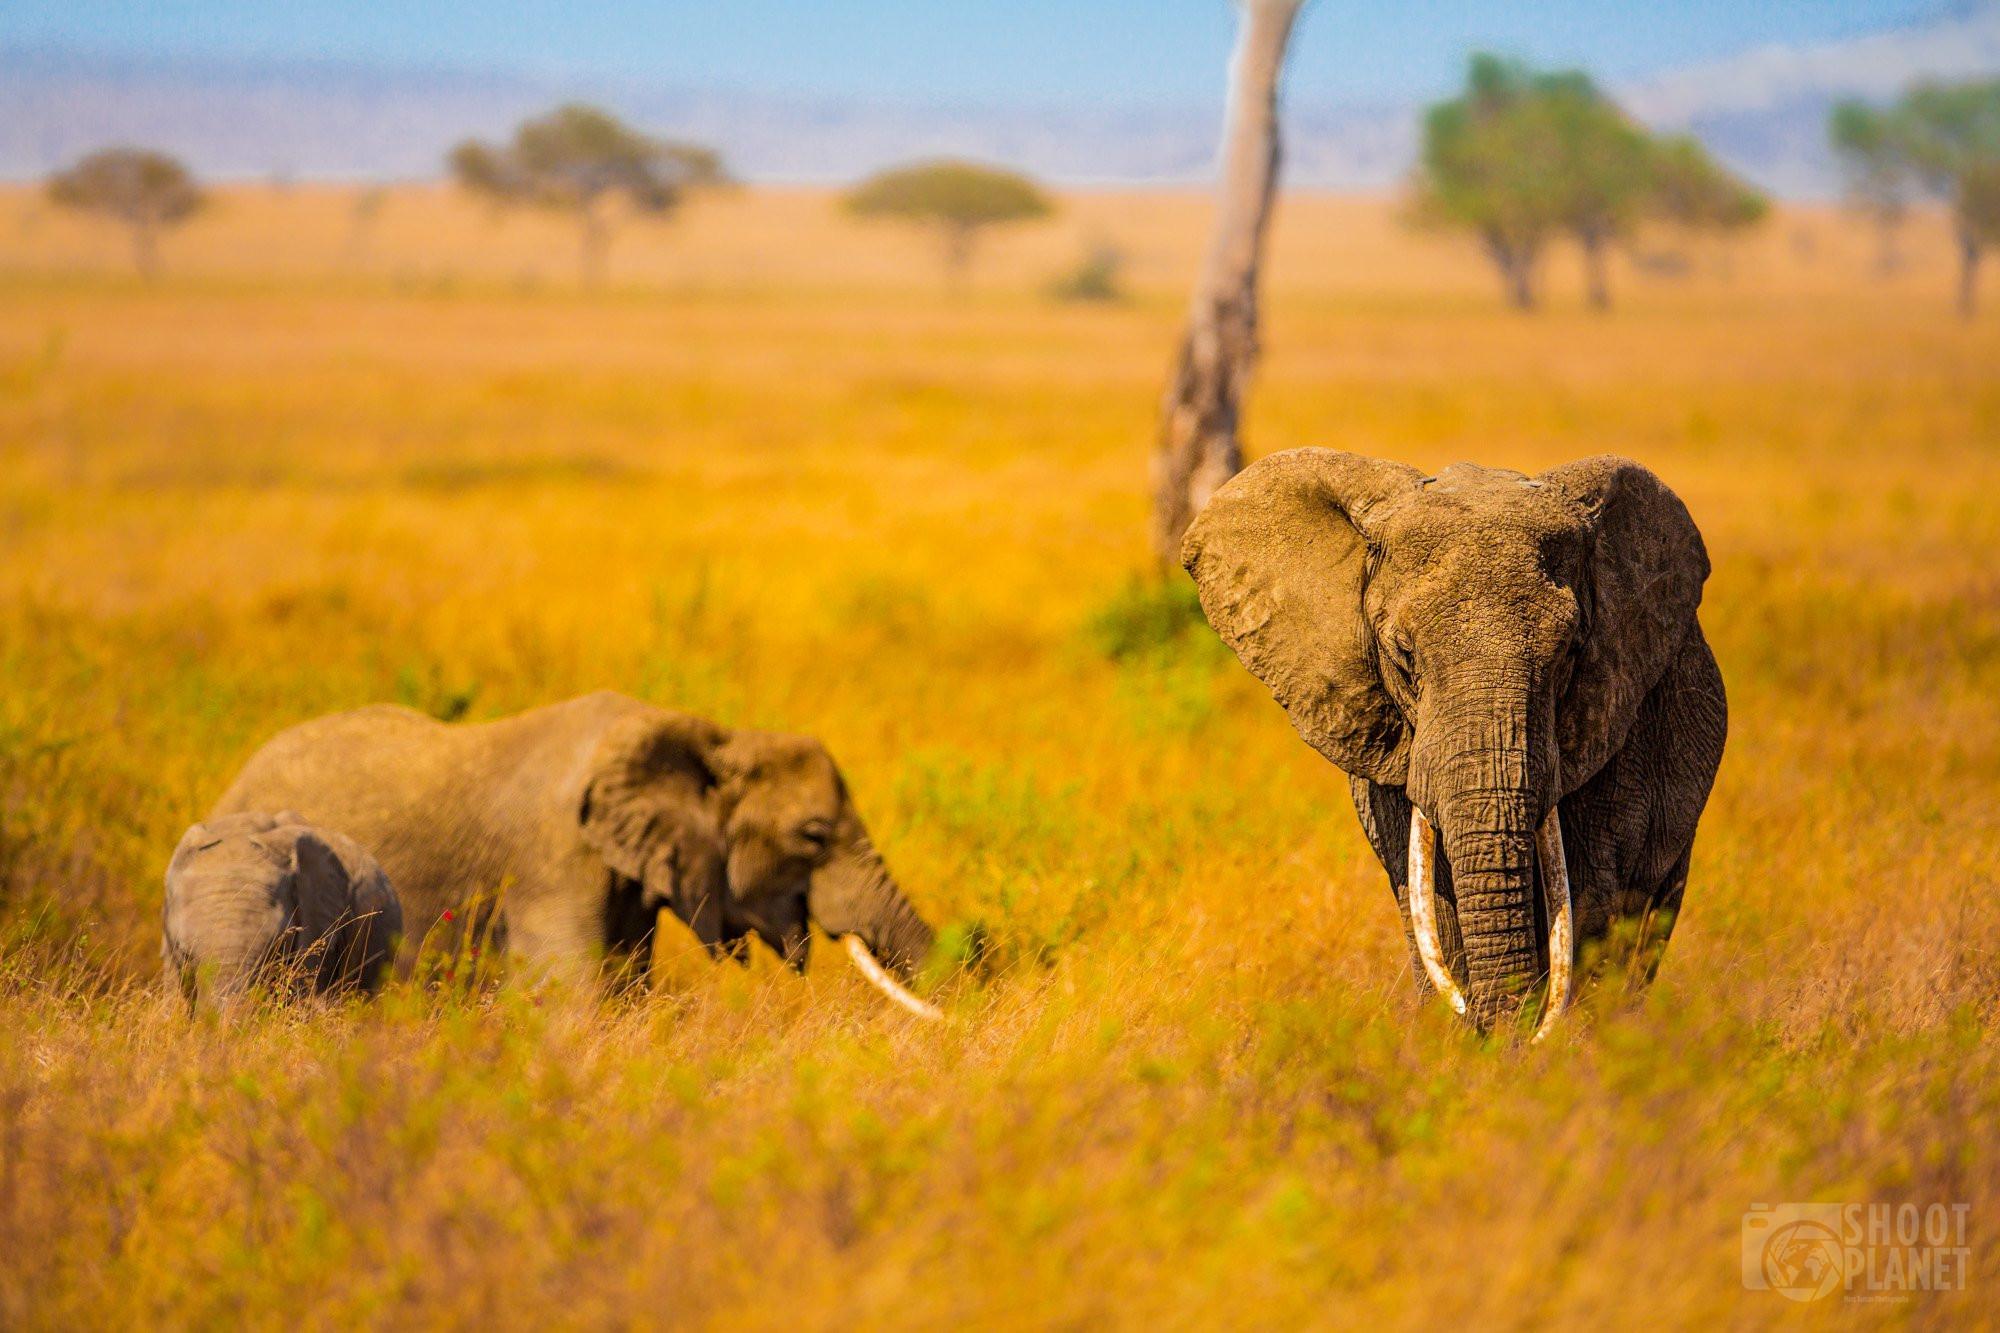 Three elephants in Serengeti national park, Tanzania